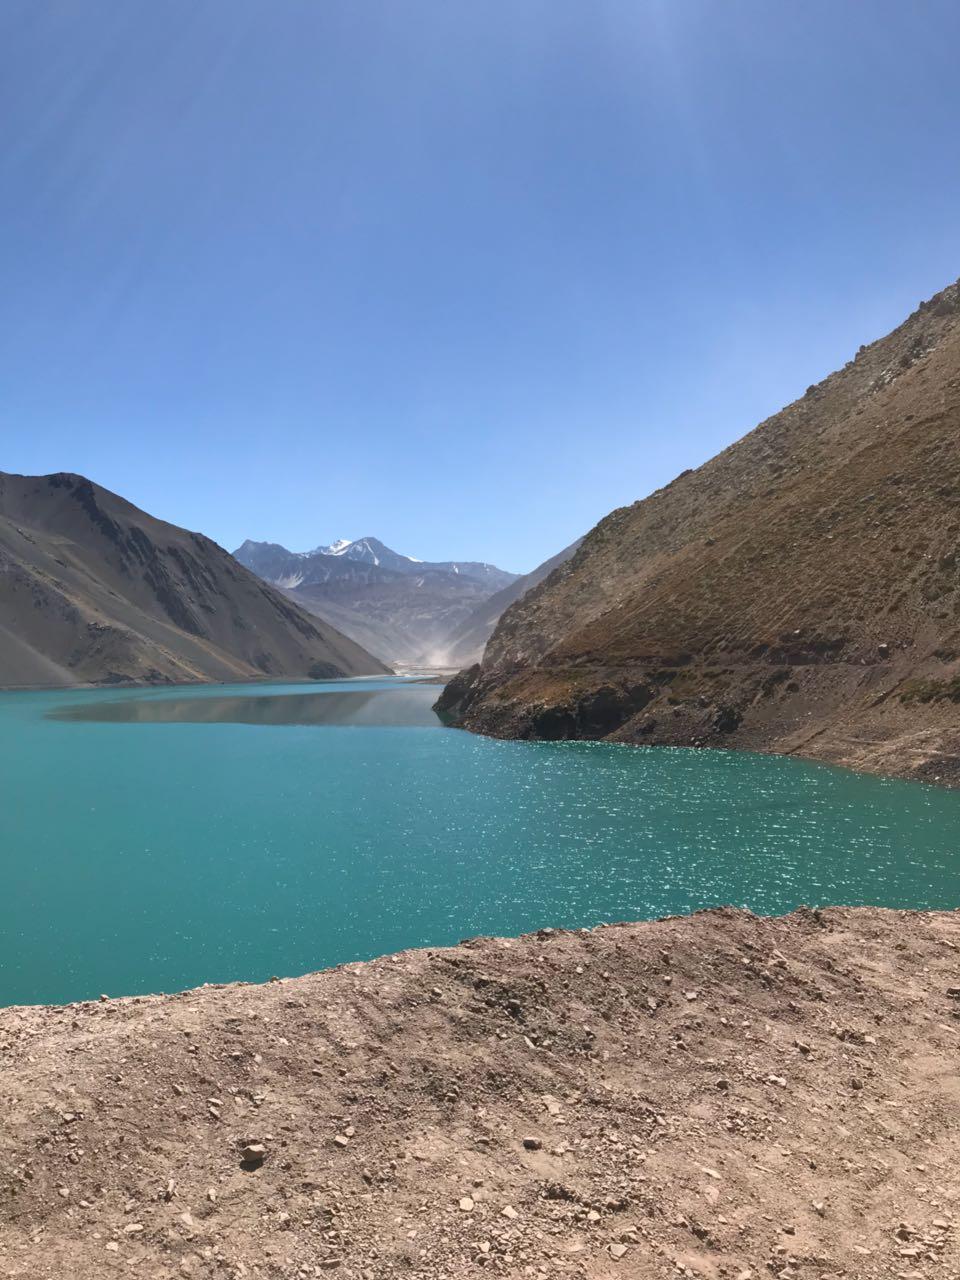 Cordilheiras dos andes e lago chileno